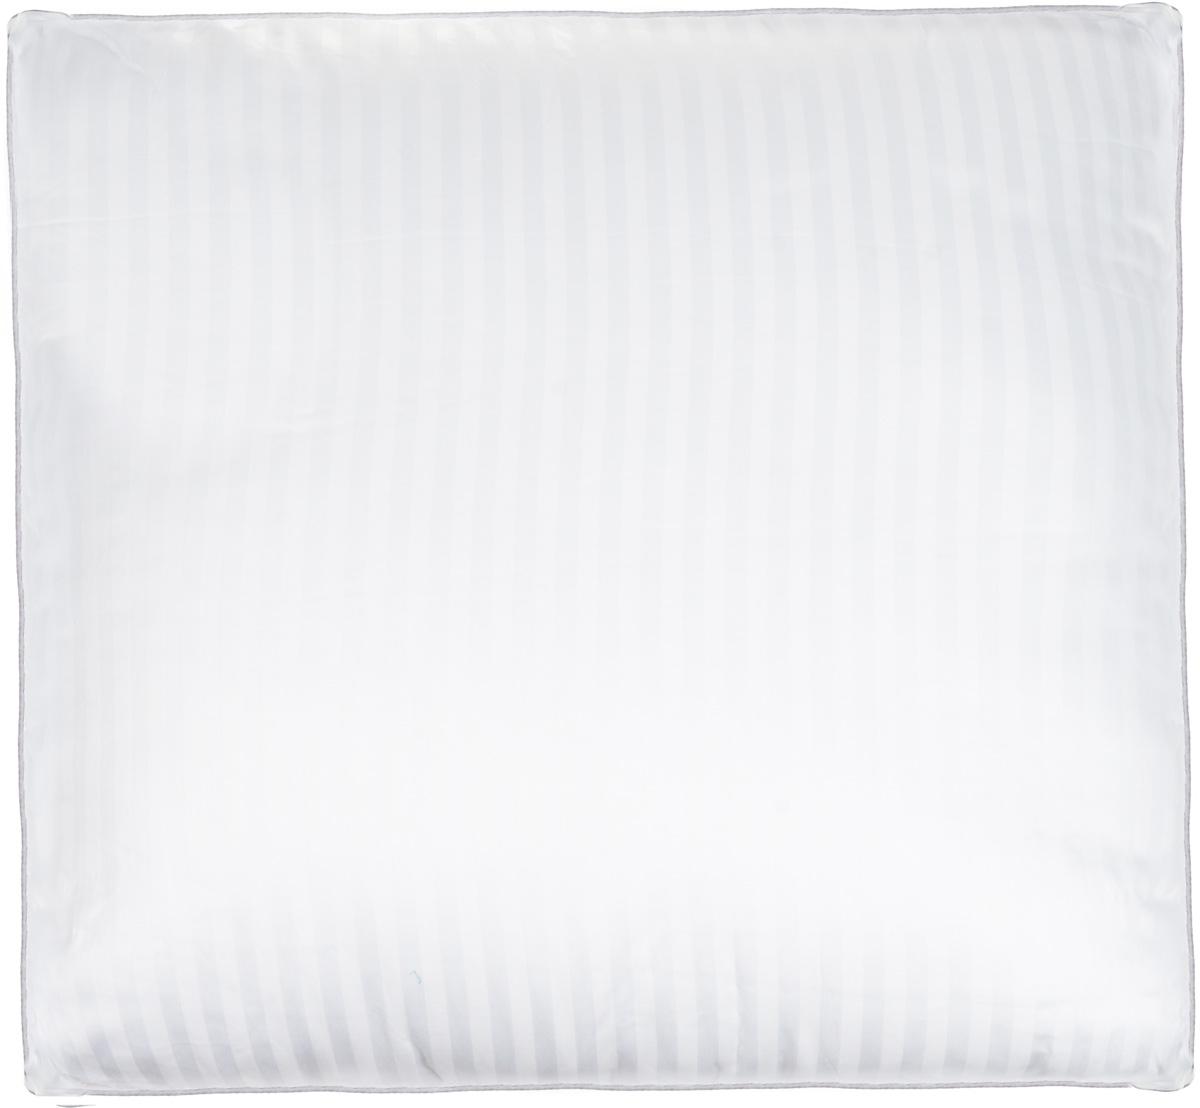 Подушка Легкие сны Элисон, наполнитель: лебяжий пух, 68 х 68 см77(42)03-ЛППодушка Легкие сны Элисон поможет расслабиться, сниметусталость и подарит вам спокойный и здоровый сон.В качестве наполнителя используется синтетическийсверхтонкий и практически невесомый материал, названныйлебяжьим пухом. Изделия с наполнителем из искусственногопуха легкие, мягкие и не вызывают аллергии.Чехол изделия выполнен из белоснежного сатина (100%хлопок) с тиснением страйп (полосы), по краю подушкивыполнена отделка атласным кантом серого цвета.Подушка с таким наполнителем практична, легко стирается ибыстро сохнет, сохраняя свои первоначальные свойства.Подушку можно стирать в стиральной машине.Степень поддержки: средняя.